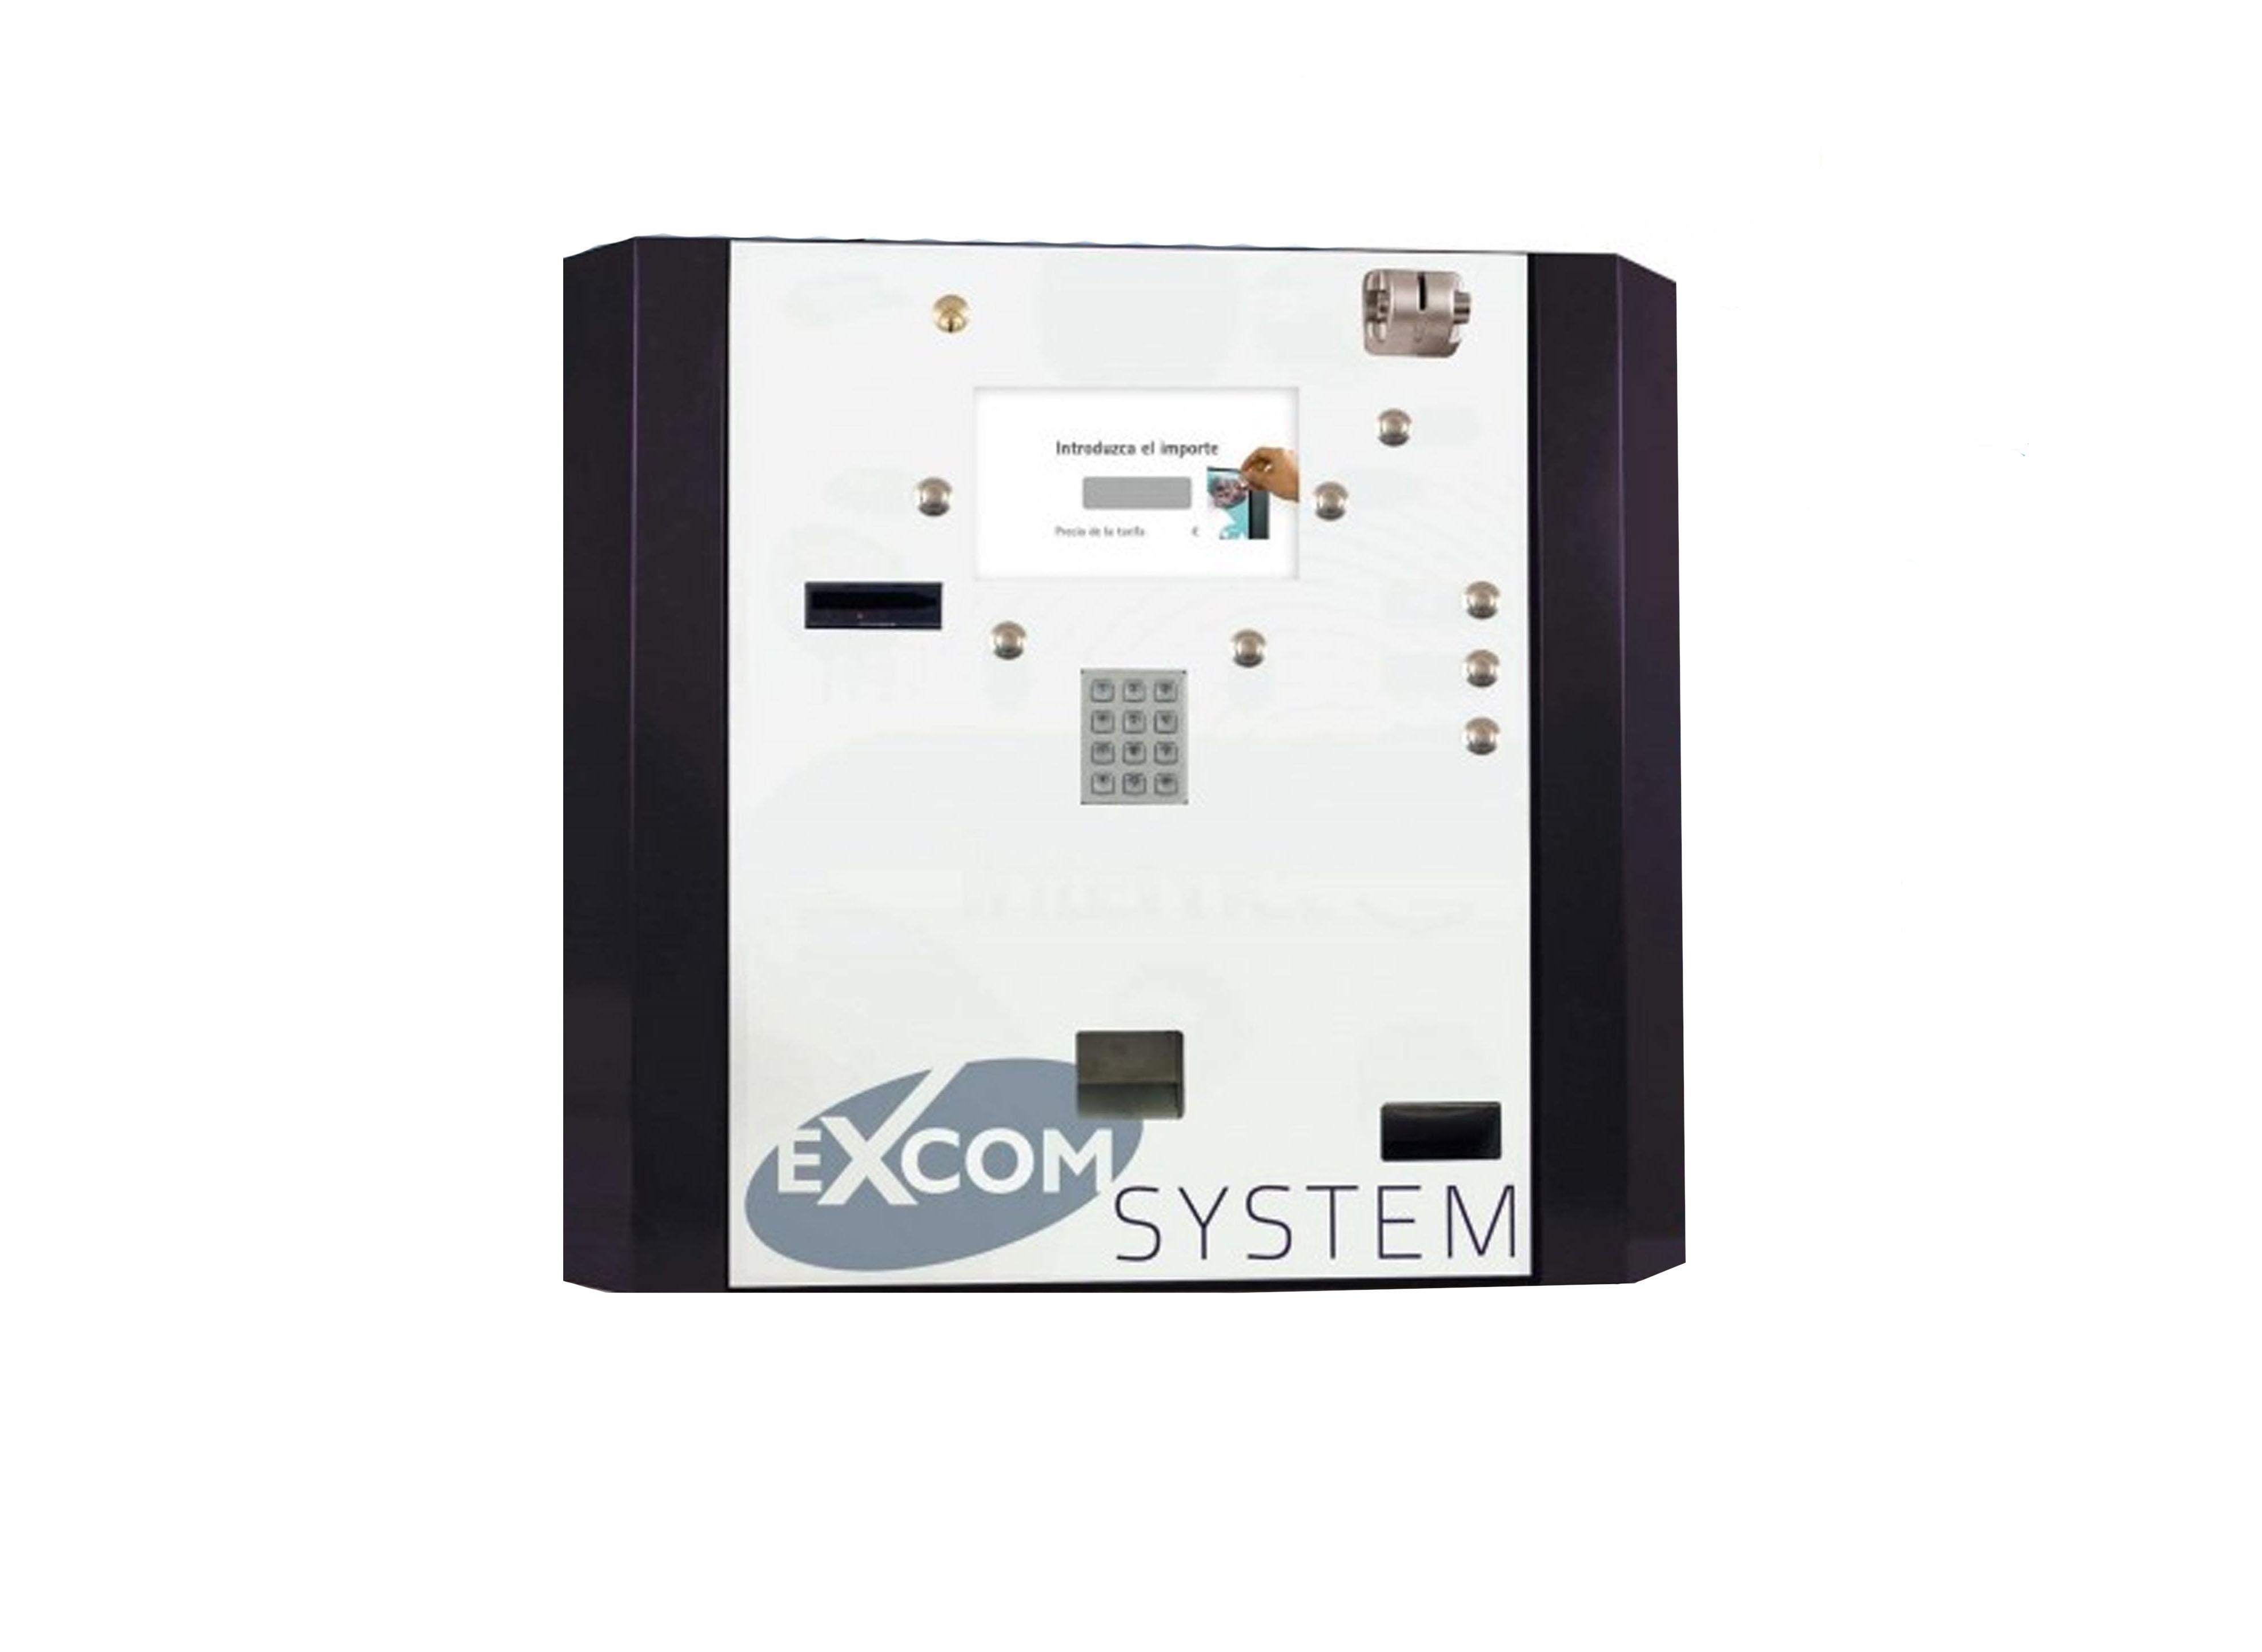 Expendedora EXcomsystem